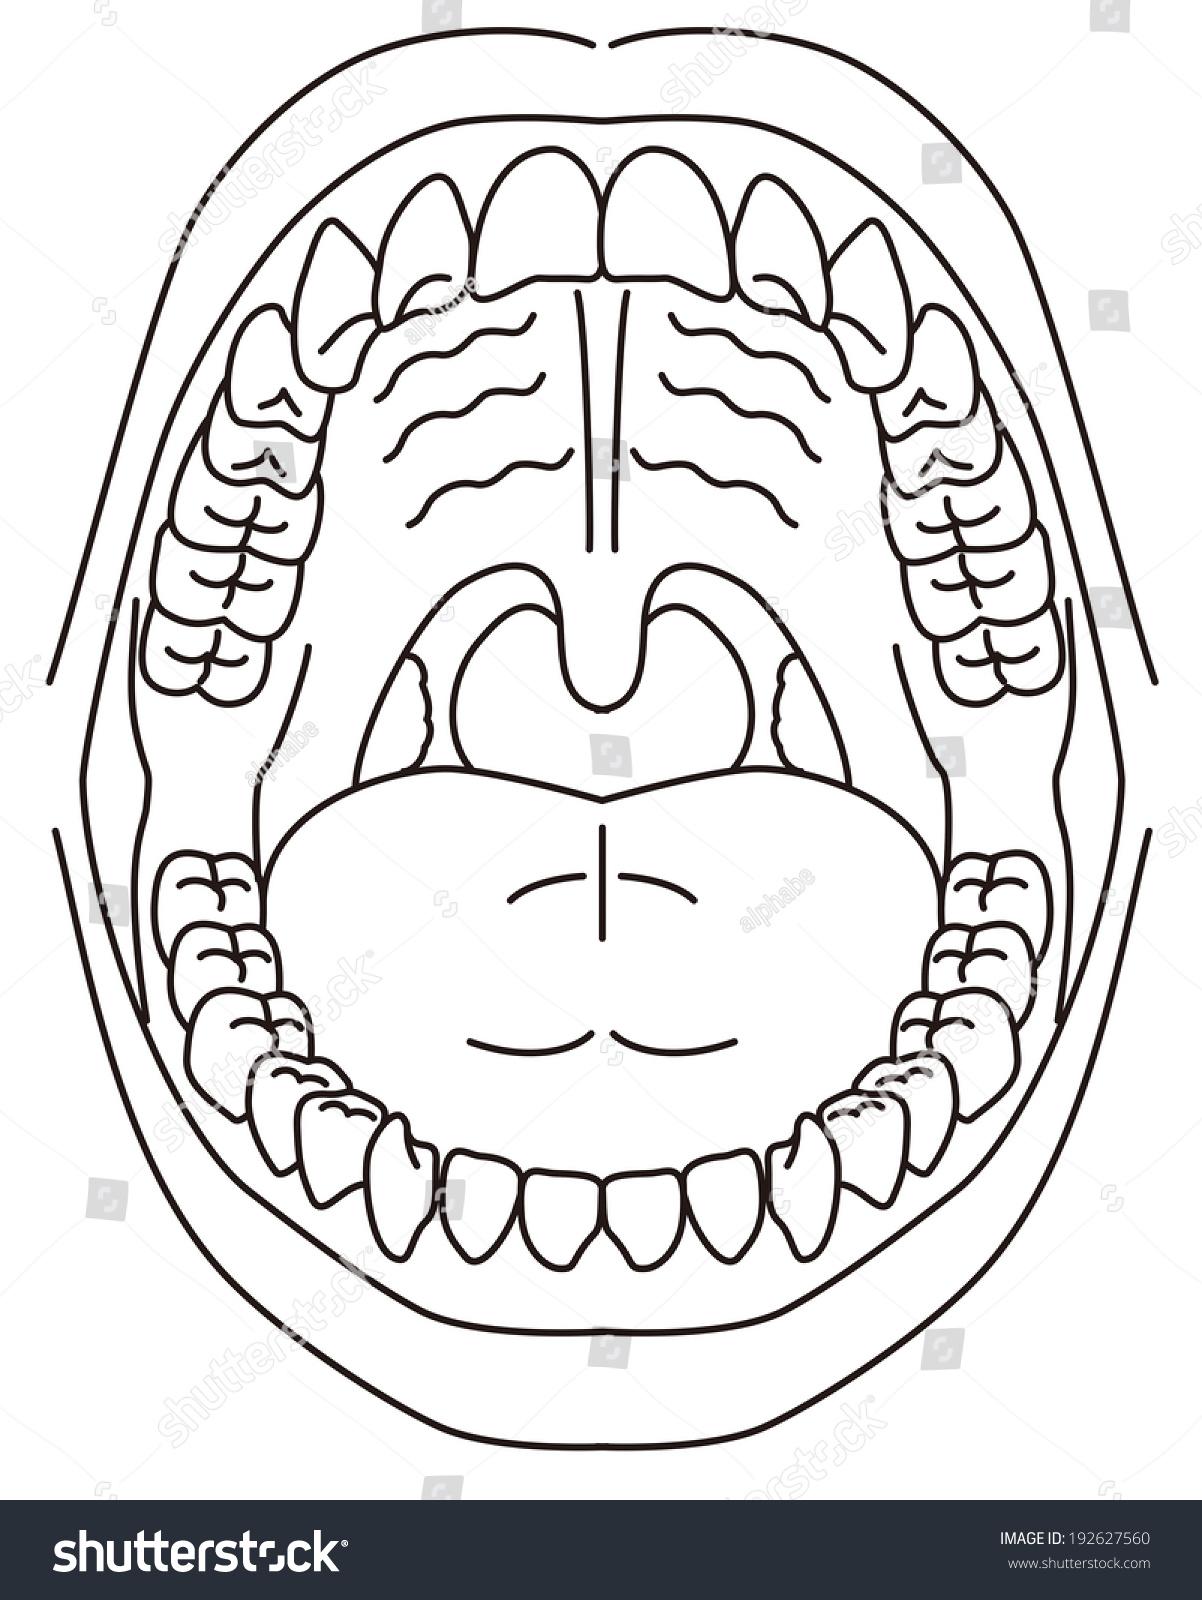 Schematic Diagram Oral Cavity Stock Vector 192627560